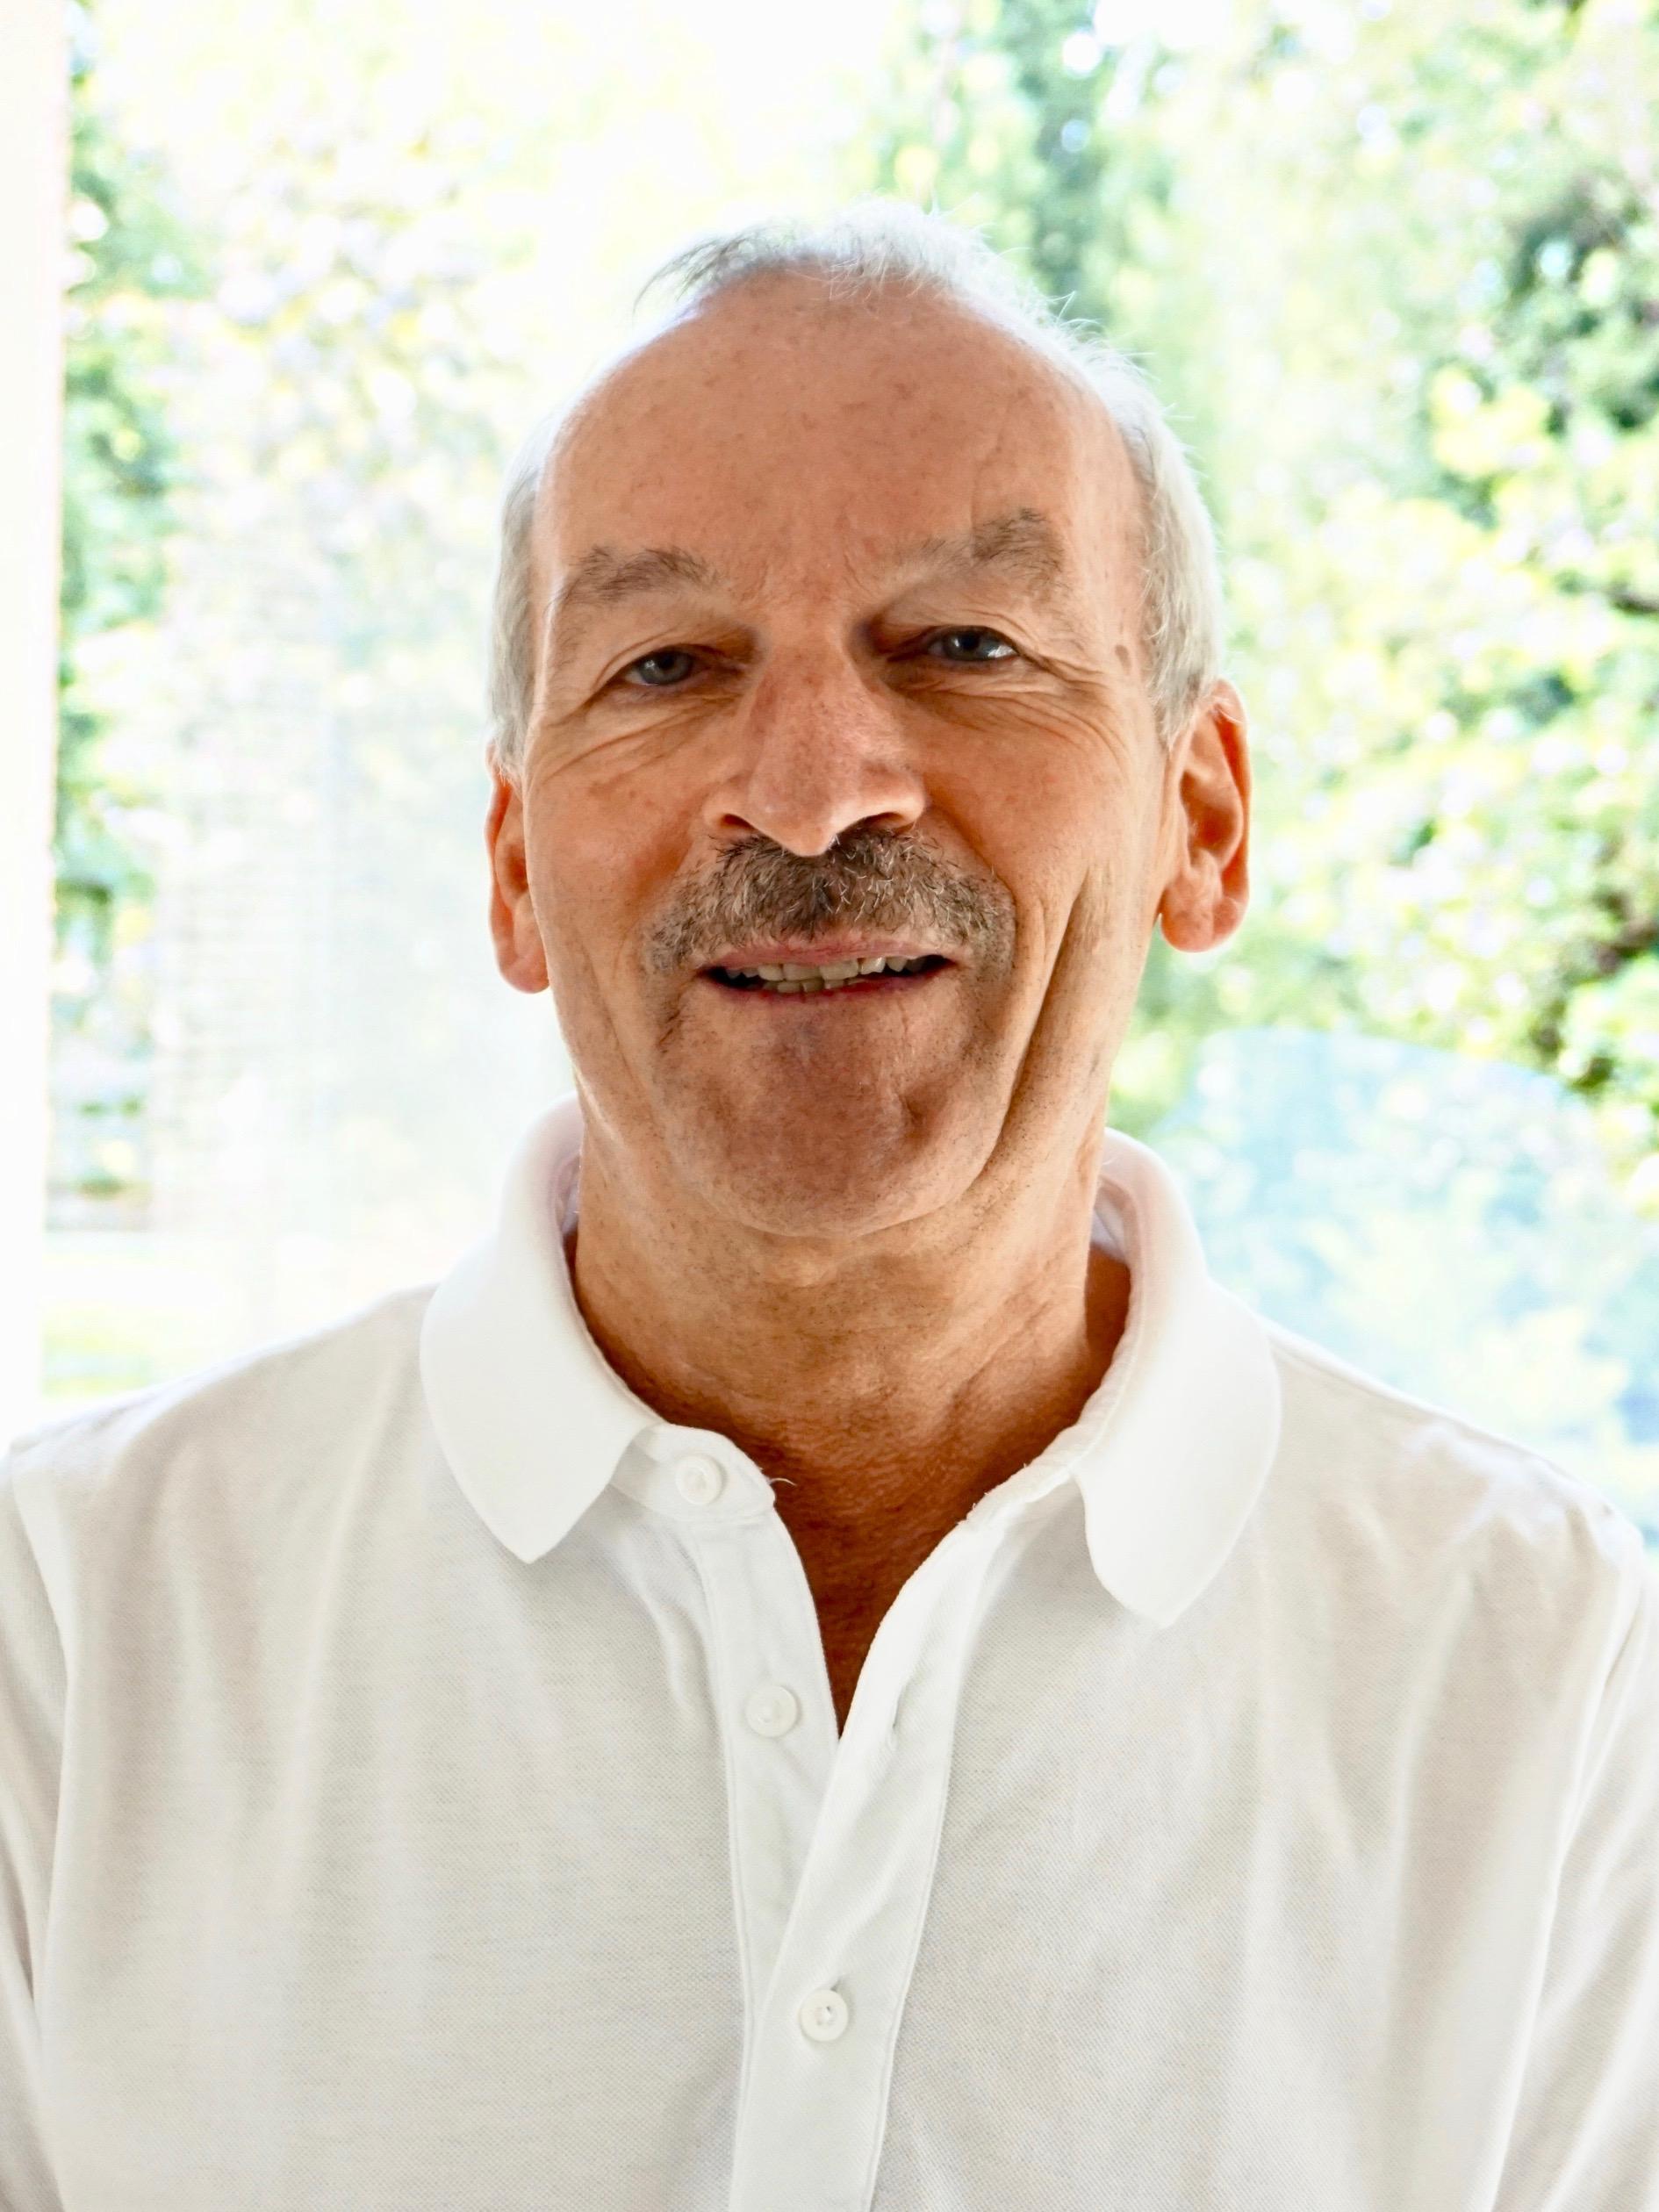 Zahnarzt Dr. Schlachter Königstein